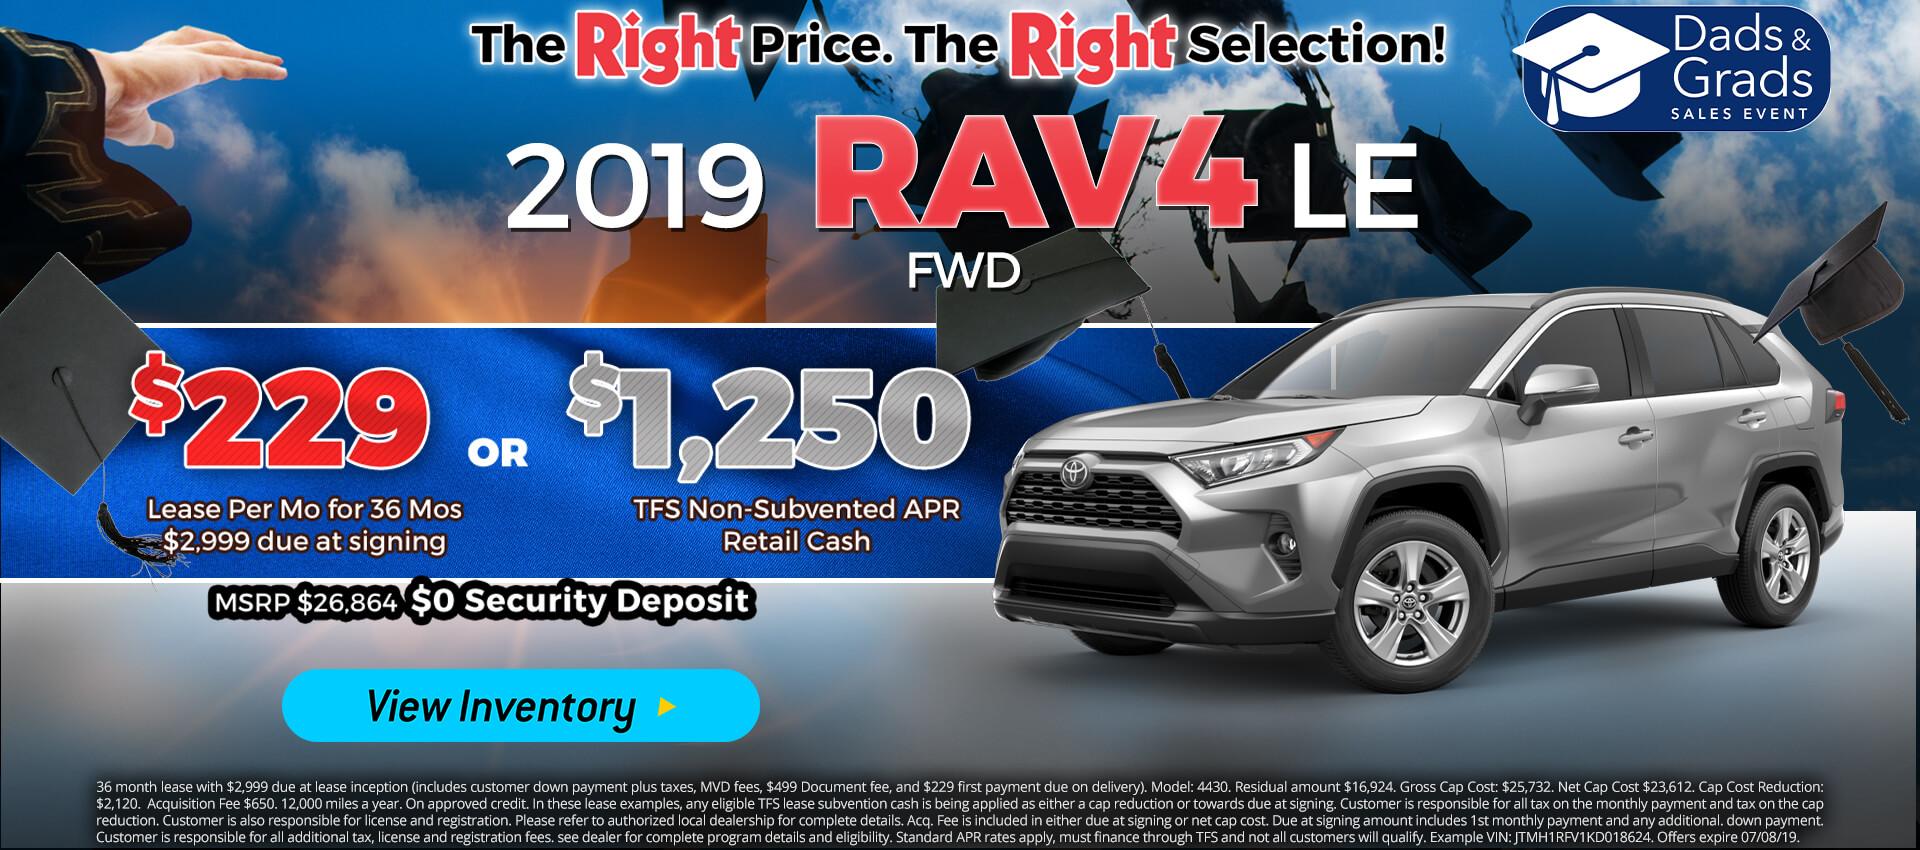 Rav4 - Lease for $229